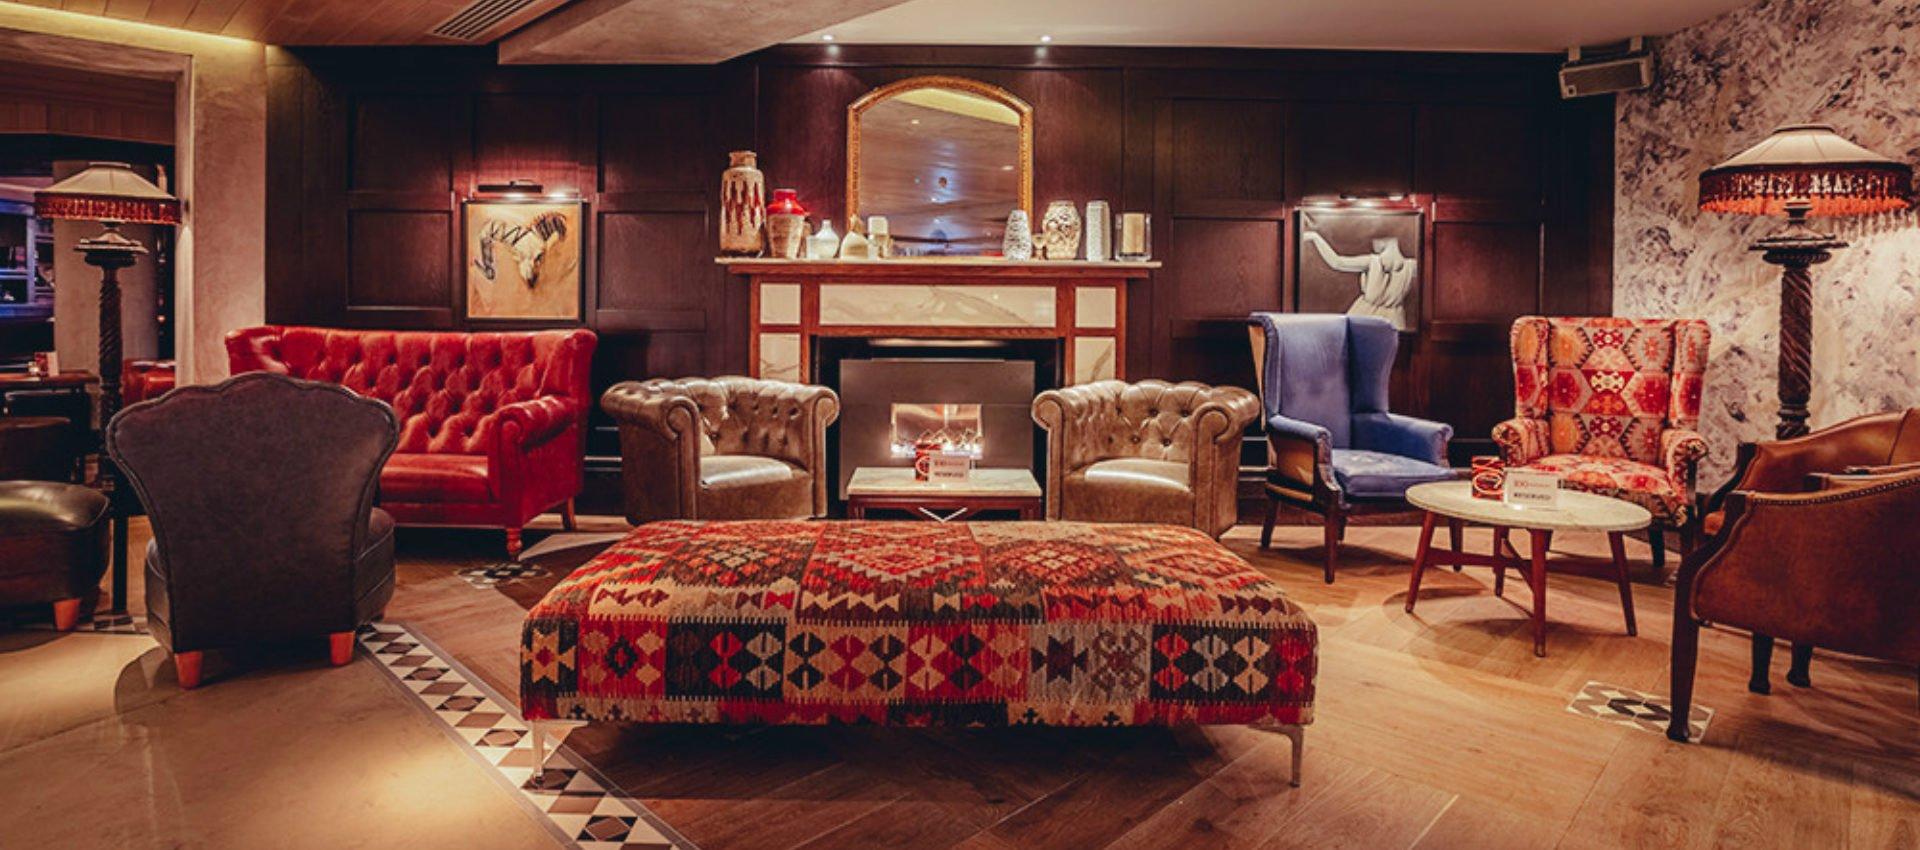 Awesome Interior Design Für Neues Haus Gift - Wohndesign Bilder und ...